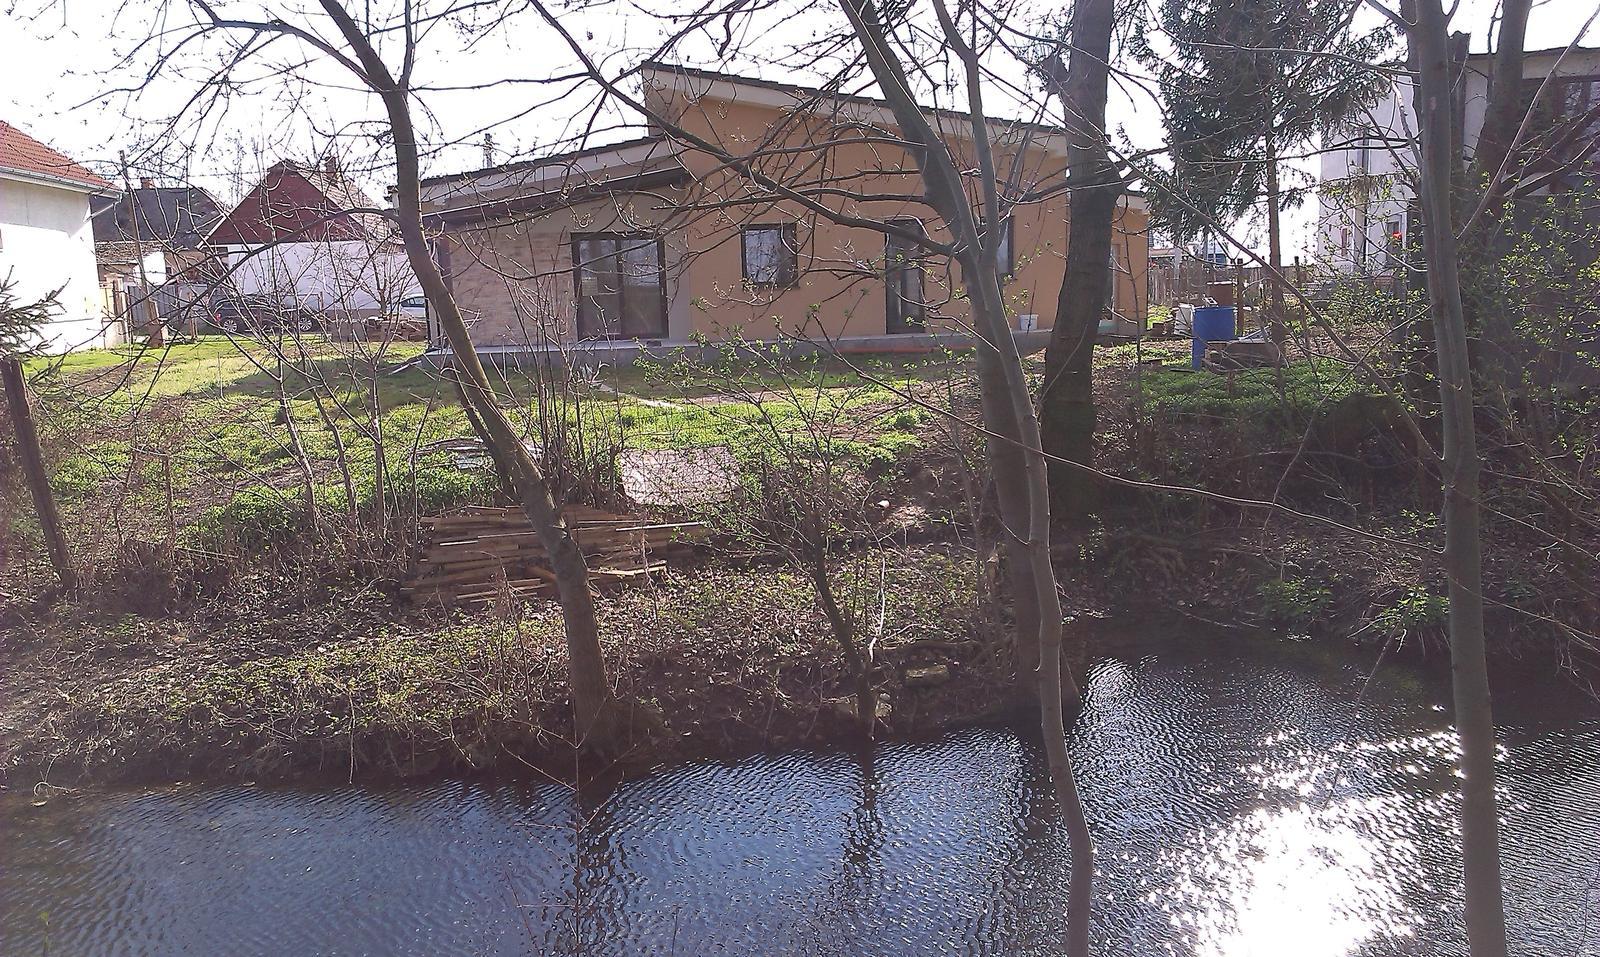 Bungalov s pultovymi strechami - Pohlad z lesika za domom. V potoku plavaju ryby ale aj ondatry pižmove ( nieco ako bobry). V lesiku vidno vevericky, zajace, srnky, ďatle....